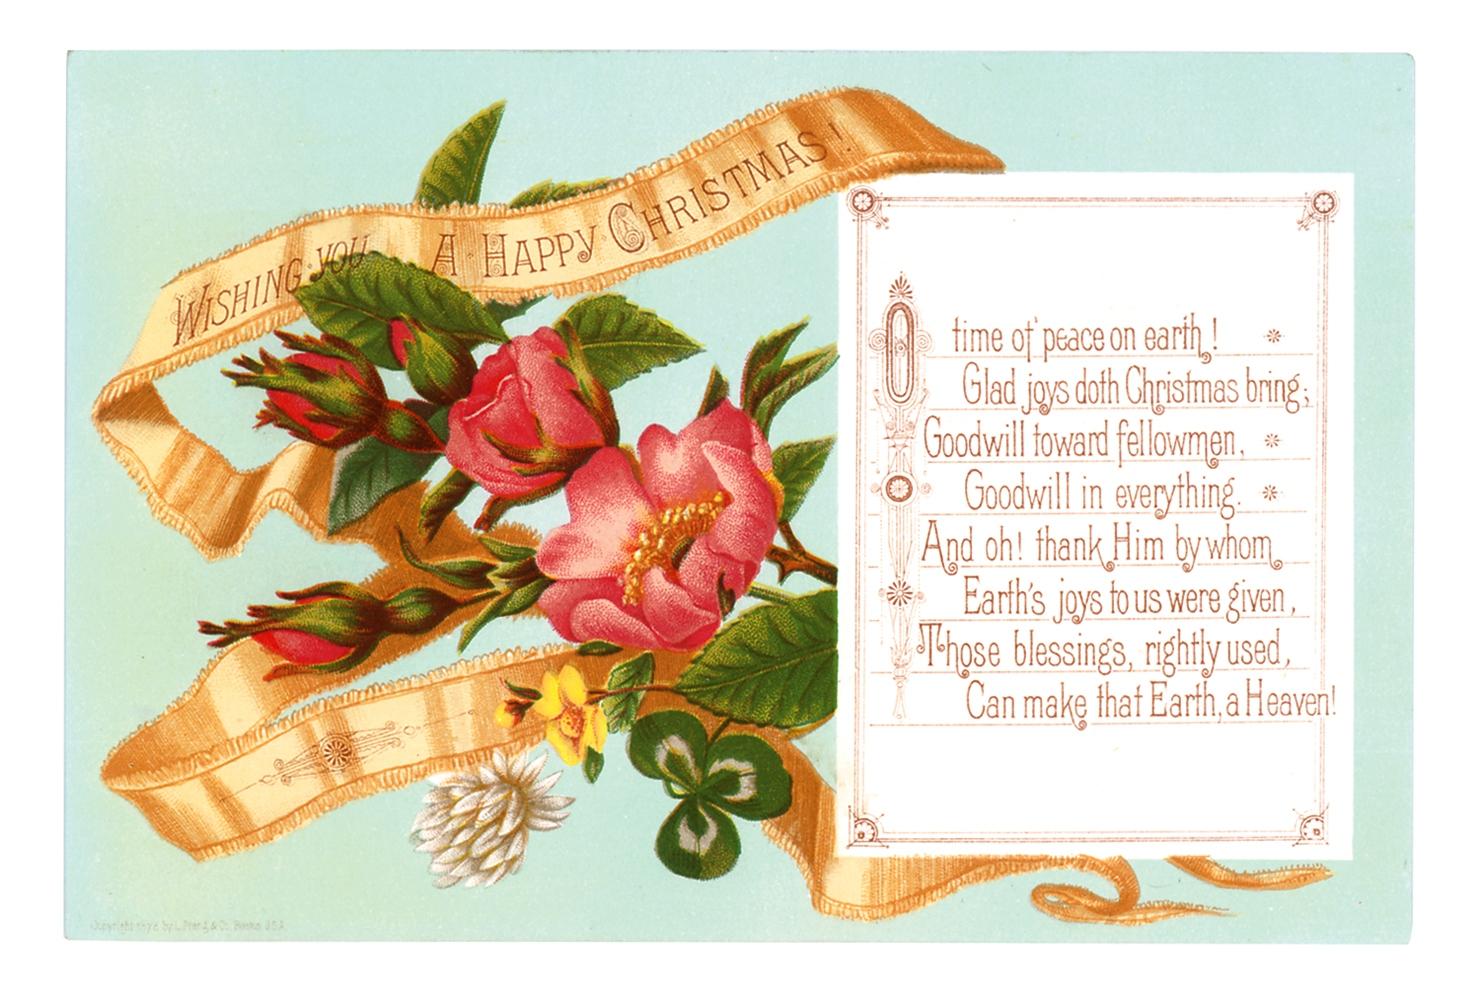 Открытки с поздравлениями на английском с днем рождения с переводом